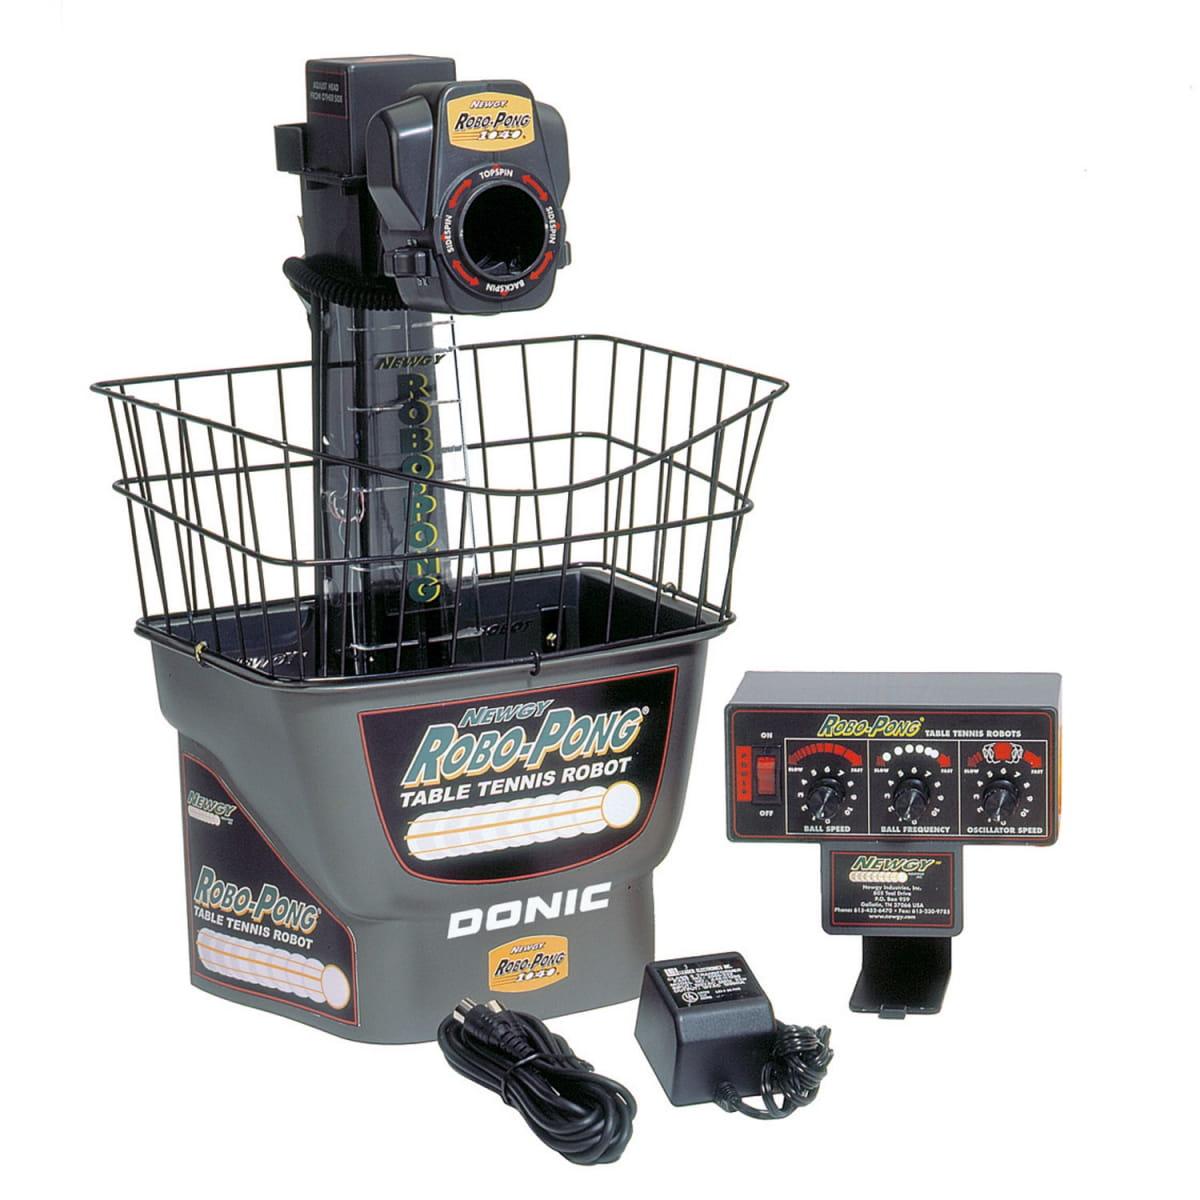 Настольный робот Donic 420283 Newgy Robo - Pong 1040